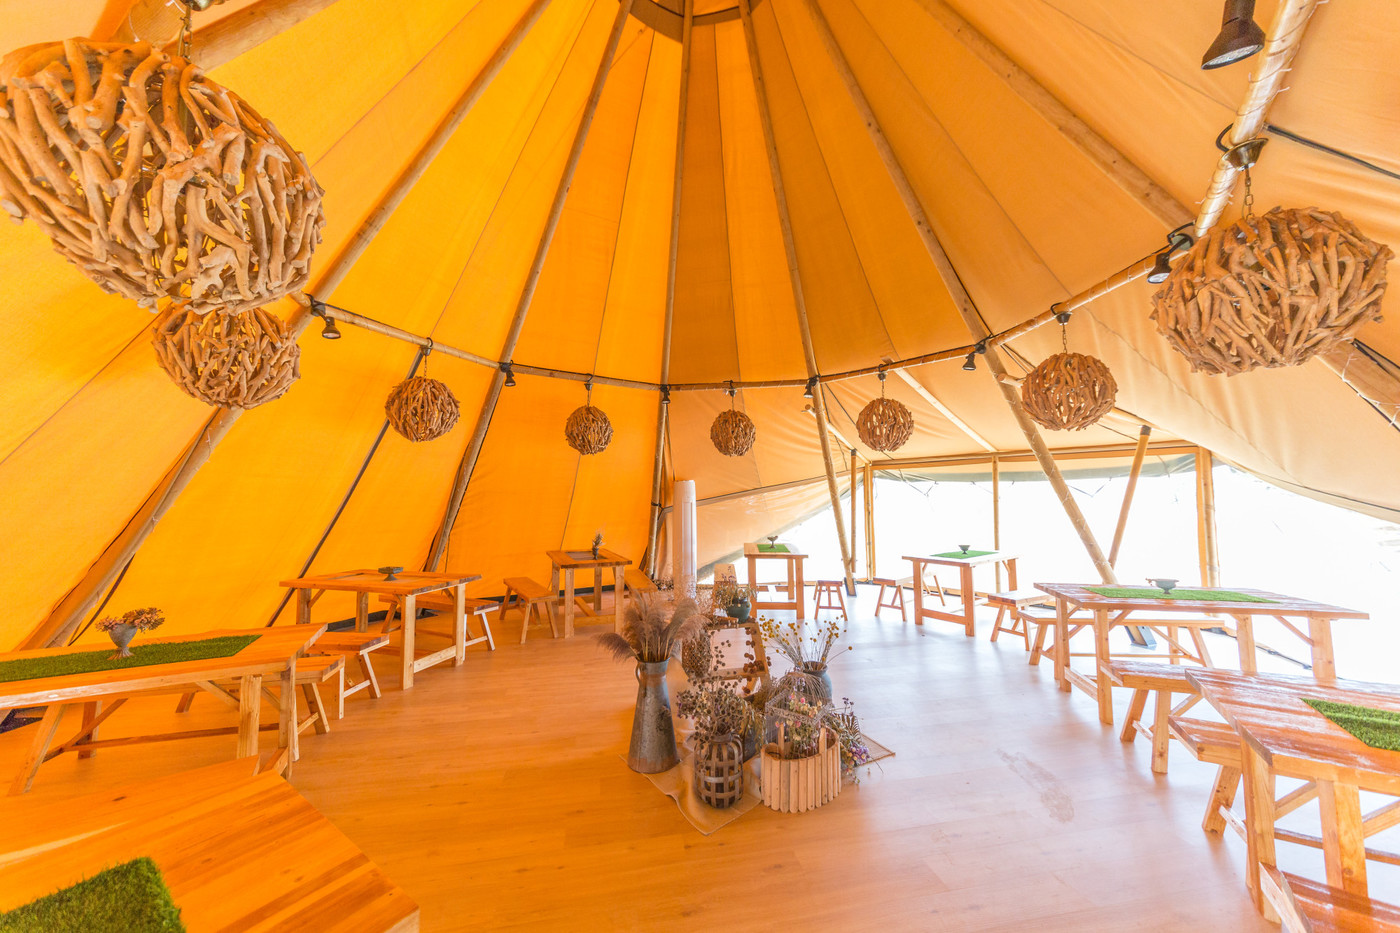 喜马拉雅印第安多功能大厅帐篷酒店27